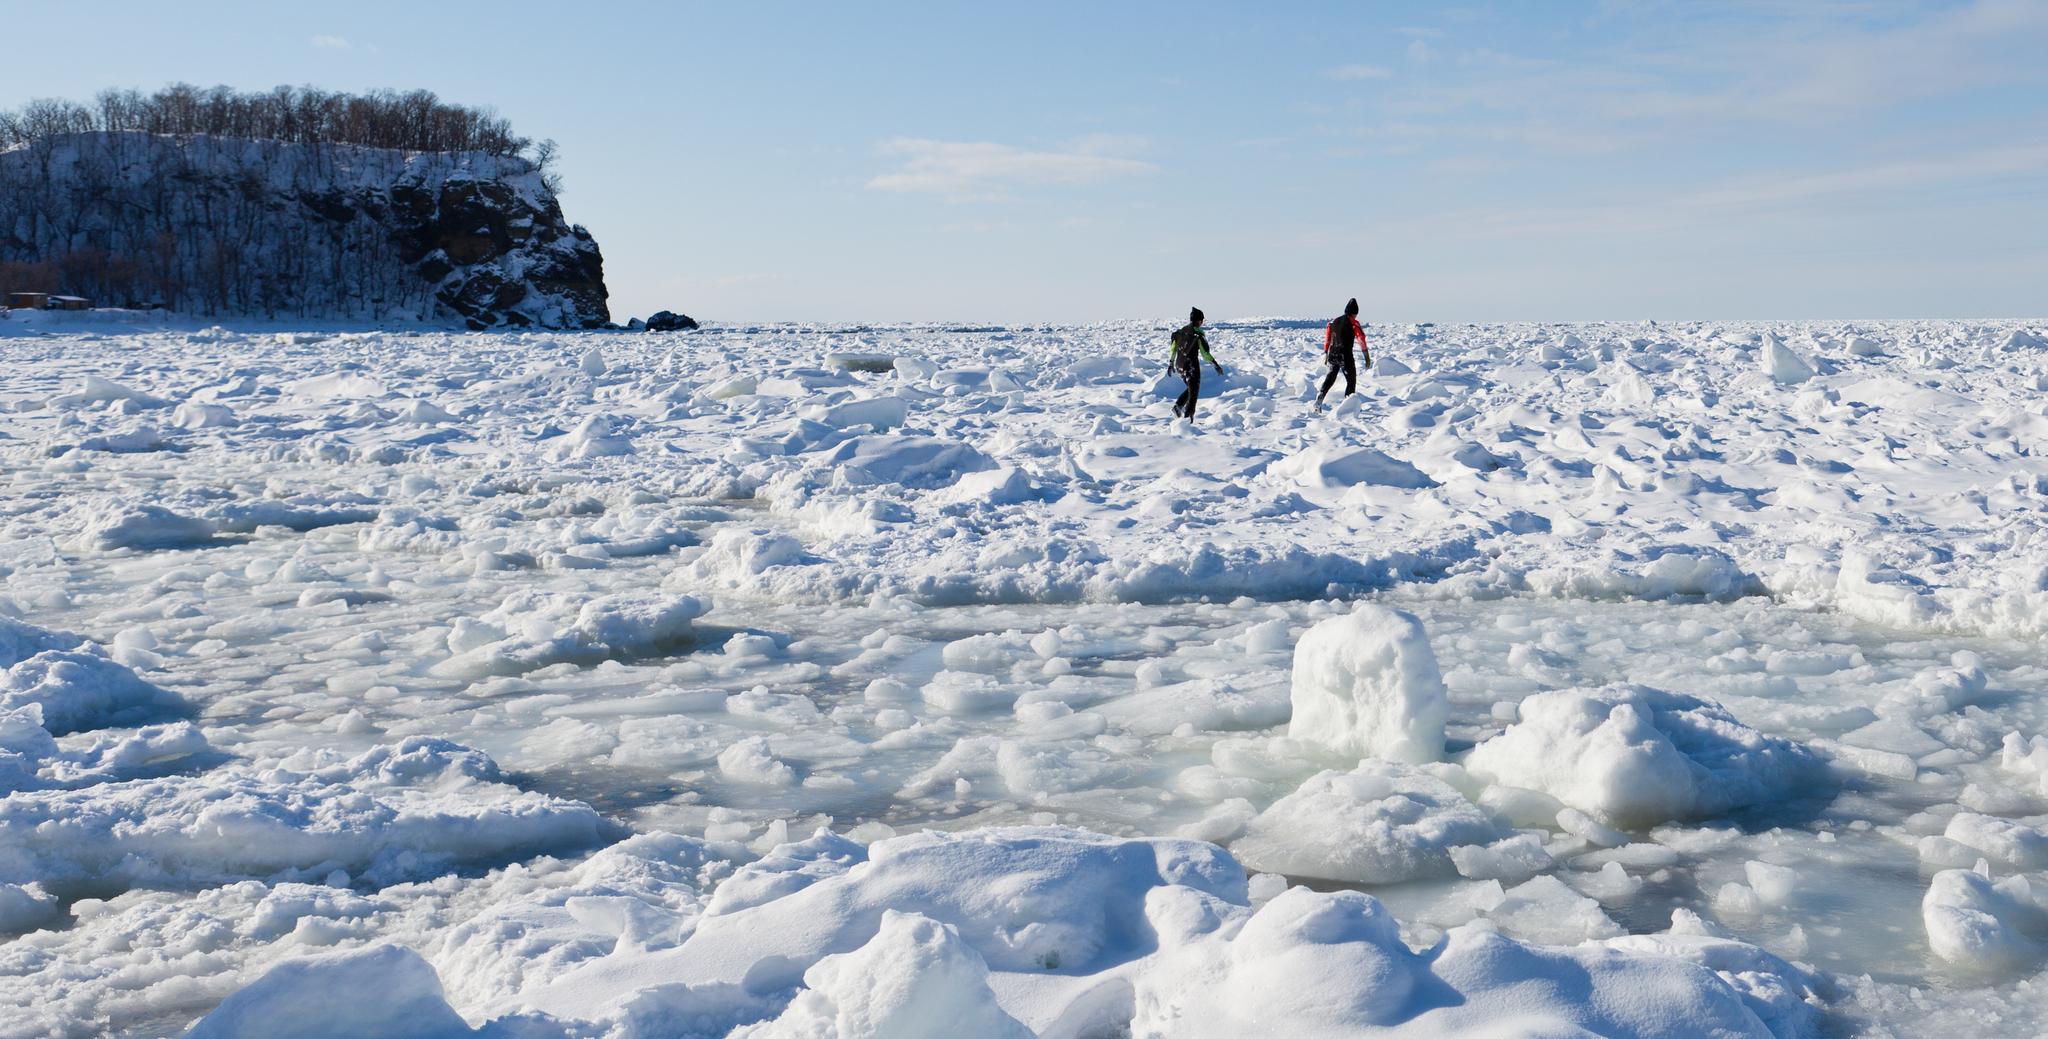 일본 홋카이도 동부 해변은 1월 말부터 3월 중순까지 얼음에 뒤덮인다. 이른바 '오호츠크해 유빙'을 볼 수 있는 시레토코 지역은 유네스코 세계자연유산에도 등재돼 있다. 시레토코 해변에서 '유빙 워크'를 체험하는 사람들. 최승표 기자